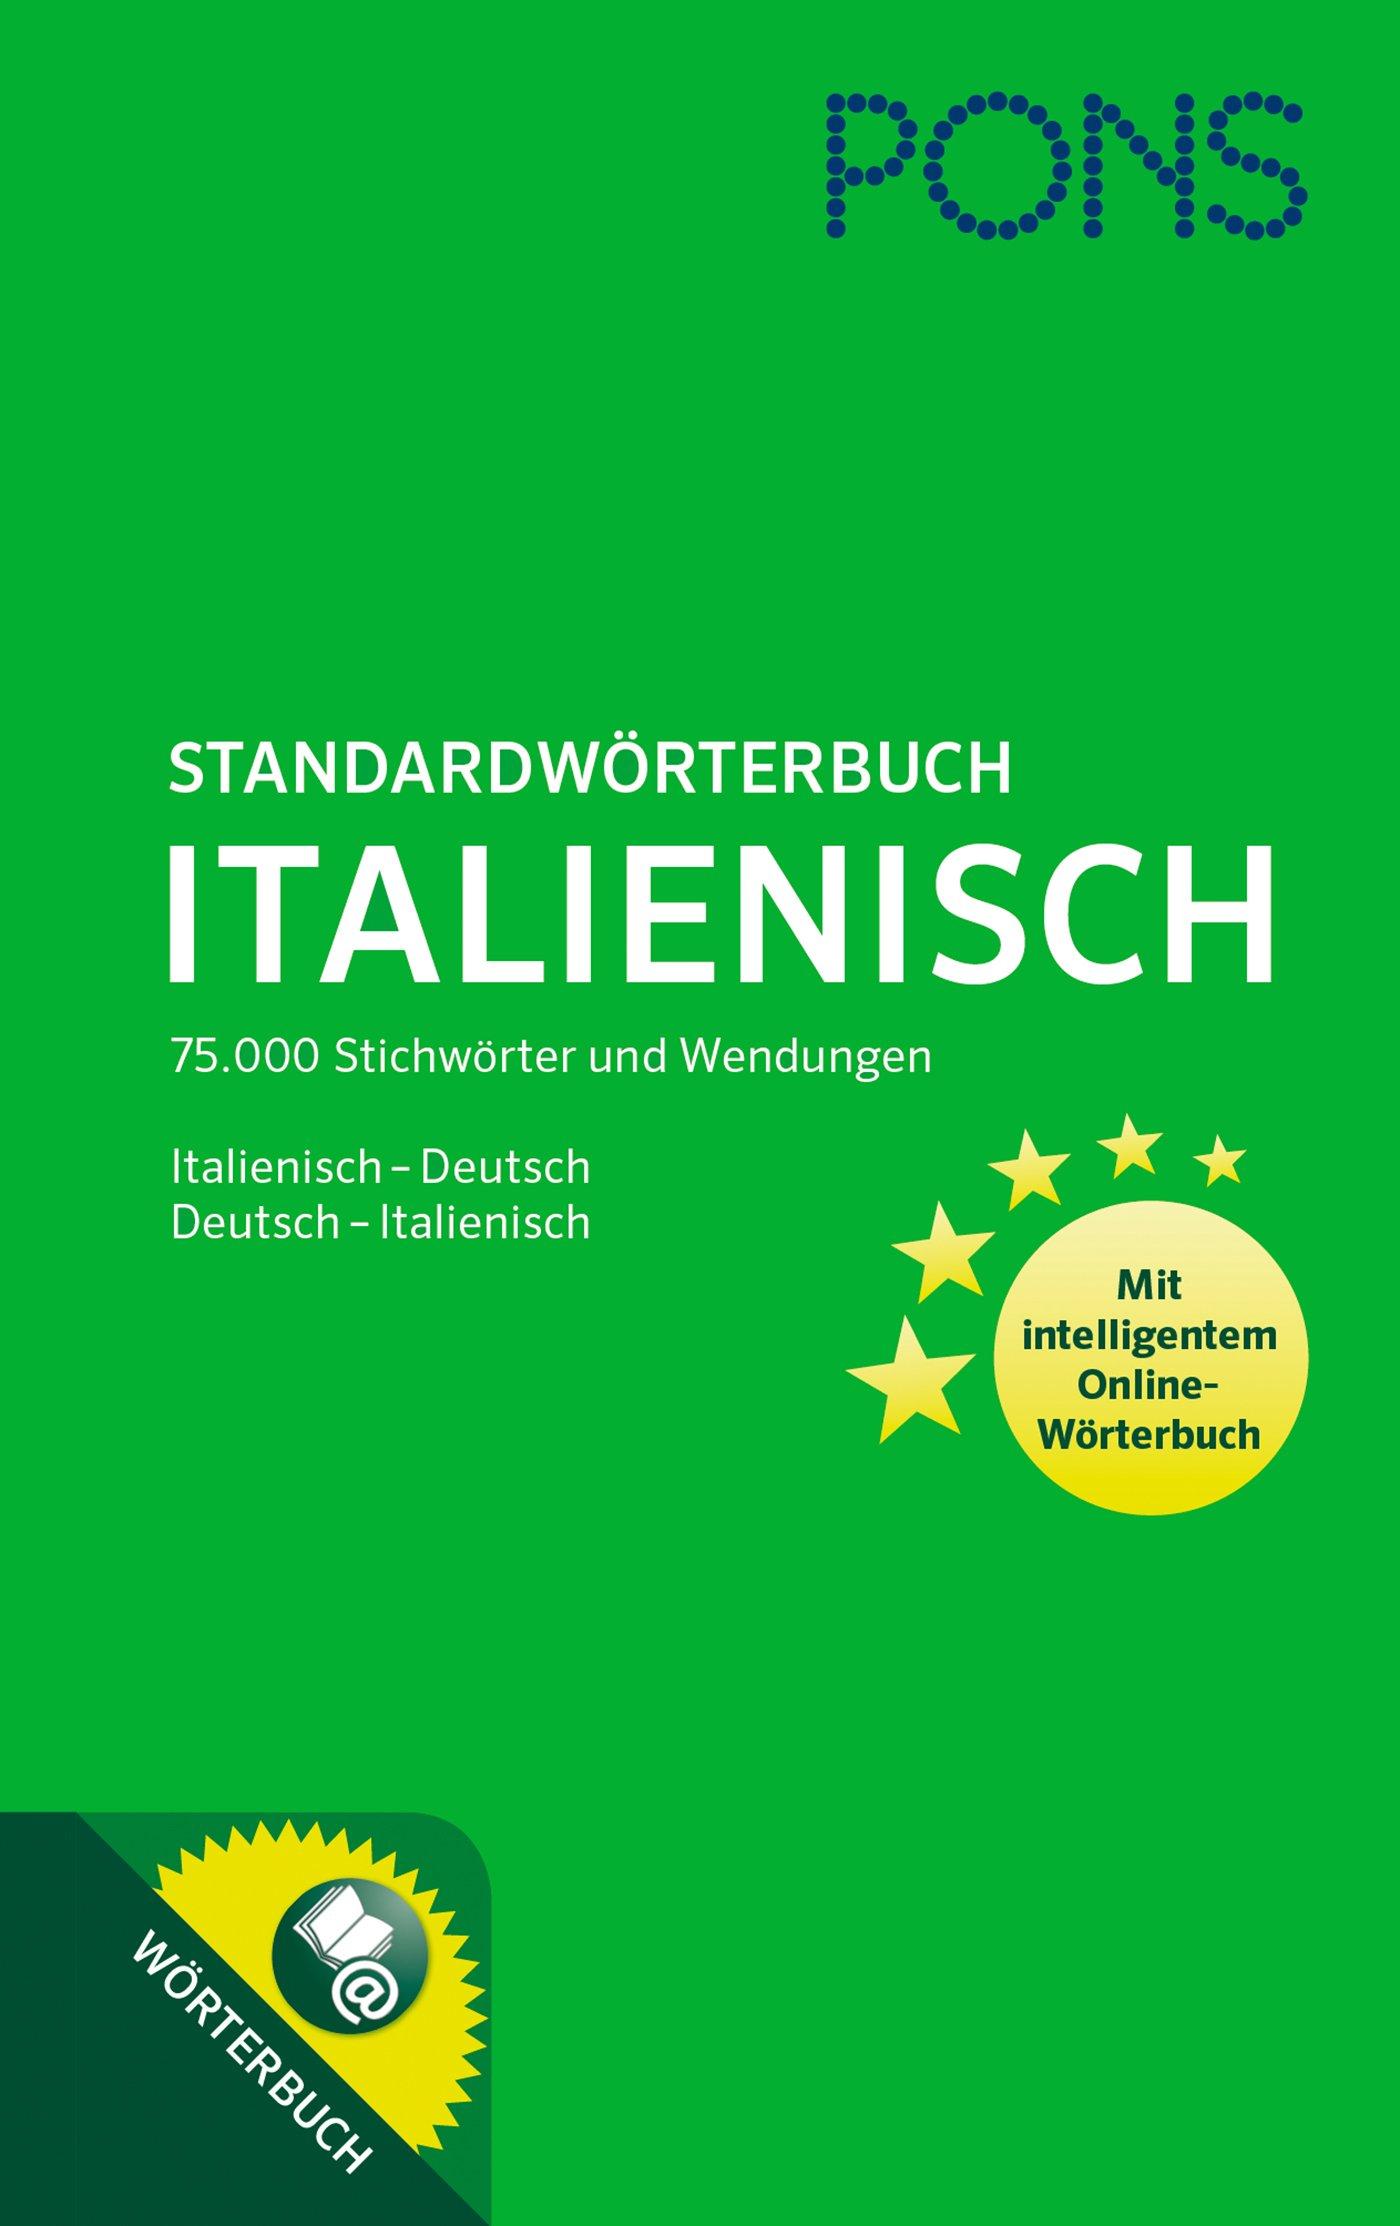 PONS Standardwörterbuch Italienisch  75.000 Stichwörter Und Wendungen. Mit Intelligentem Online Wörterbuch. Italienisch Deutsch   Deutsch Italienisch